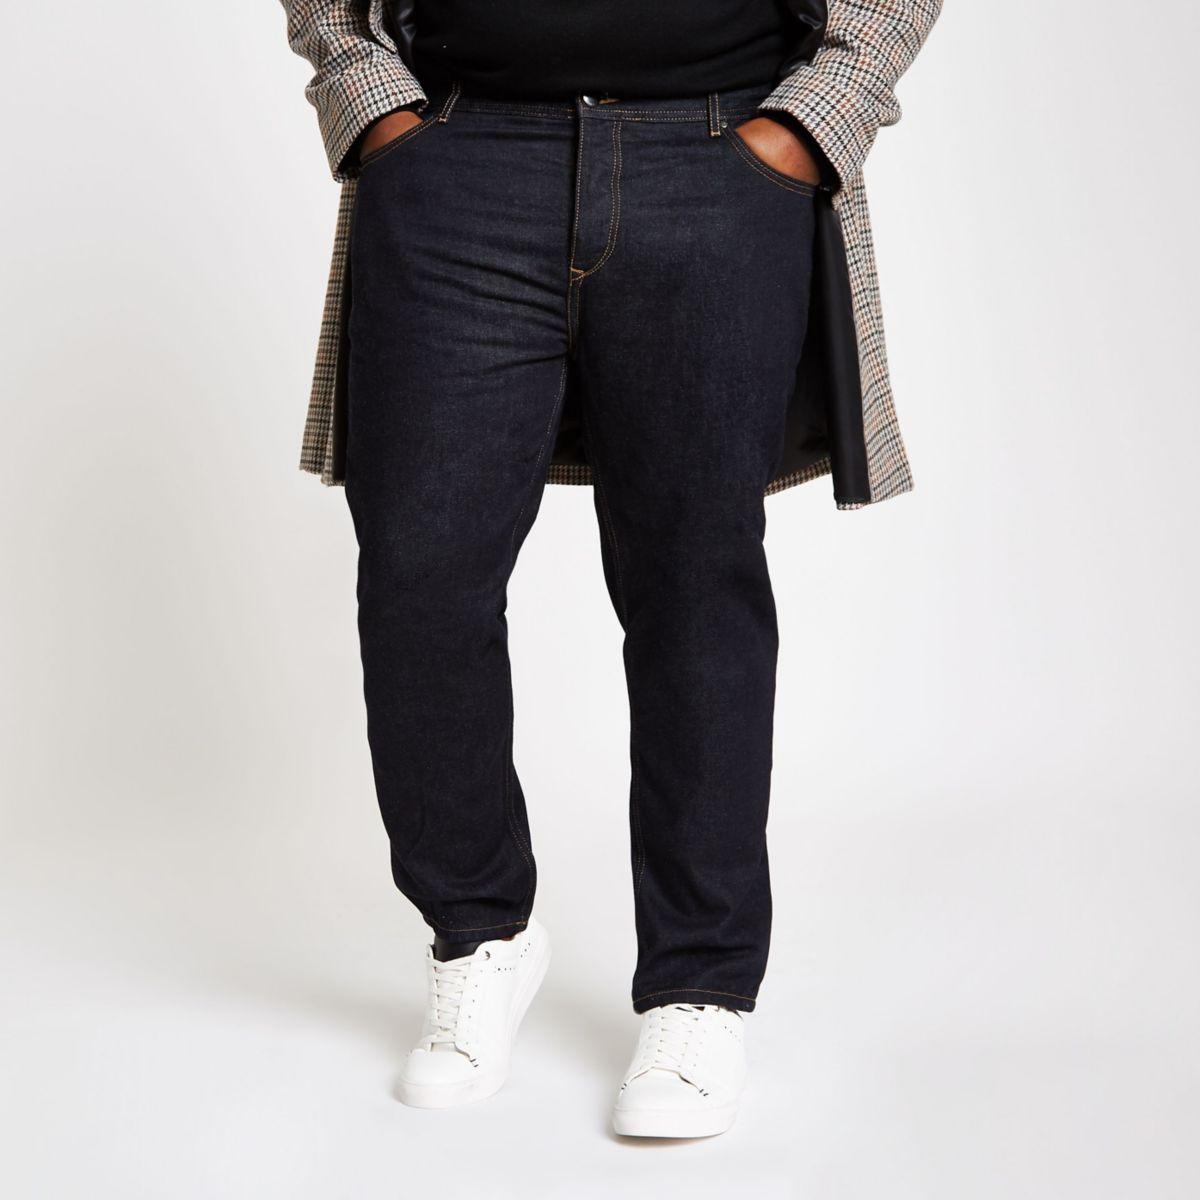 Big & Tall dark blue tapered jeans